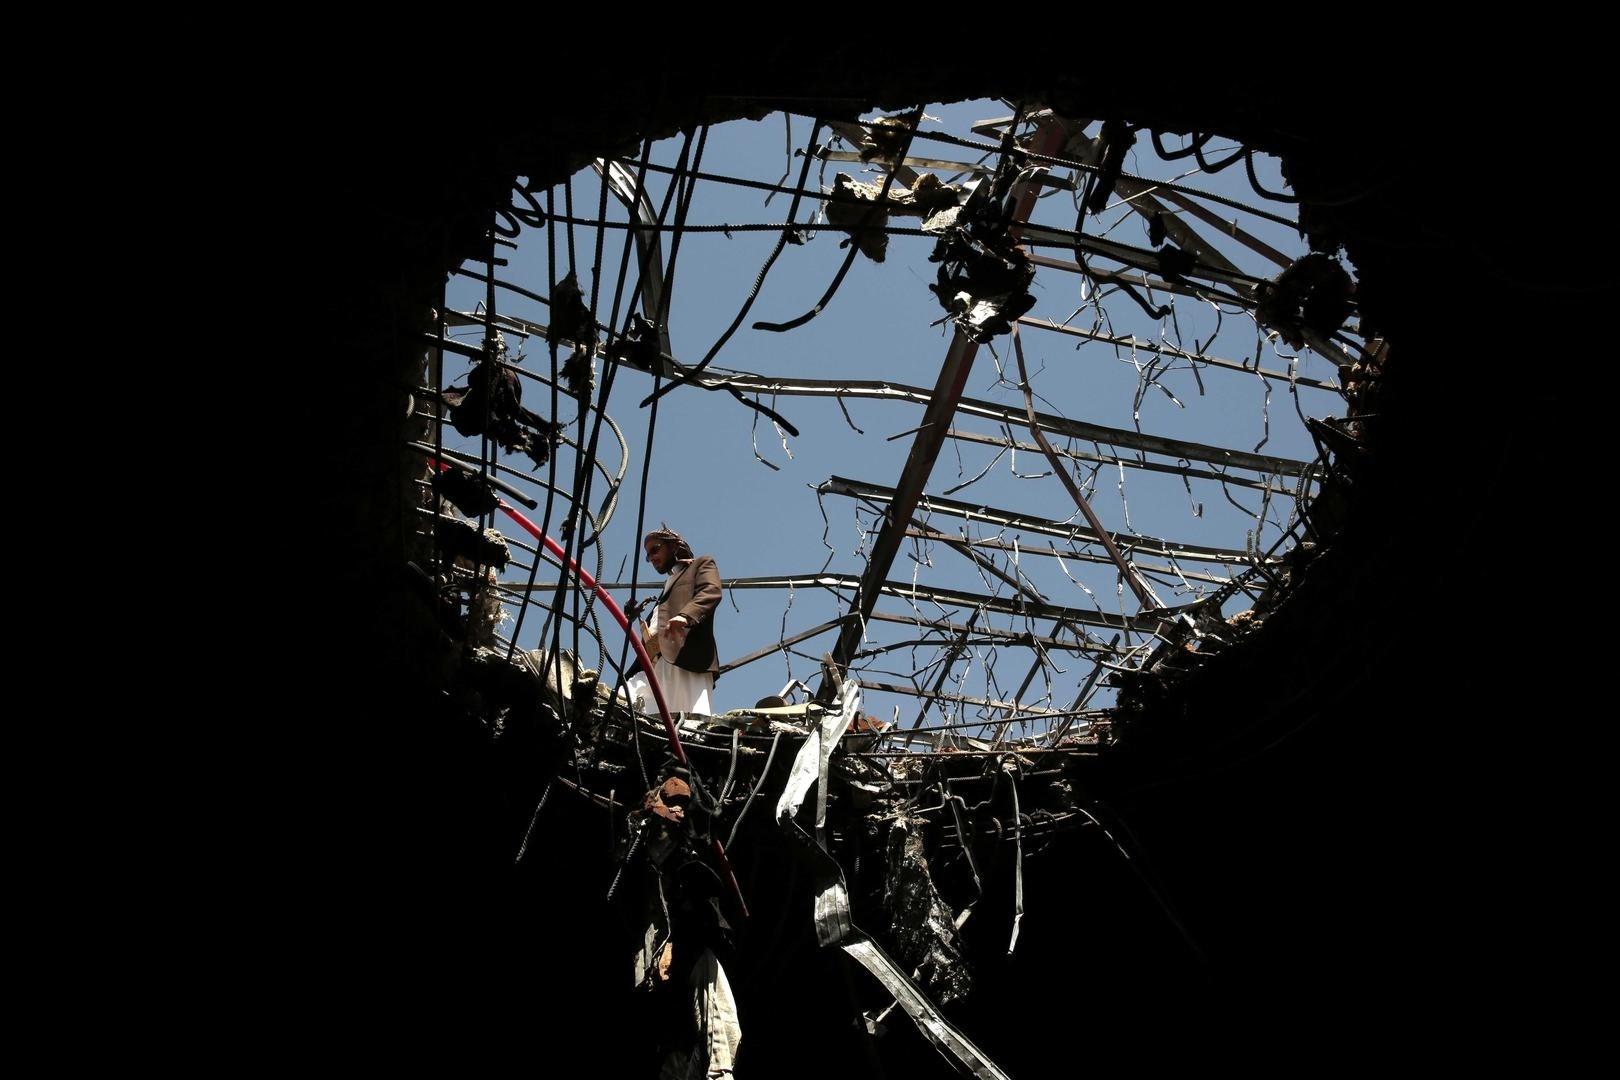 القباطي: هذا الاستهداف والتصعيد والقصف للمناطق السكنية والاهداف المدنية مؤشر على استهتار التحالف